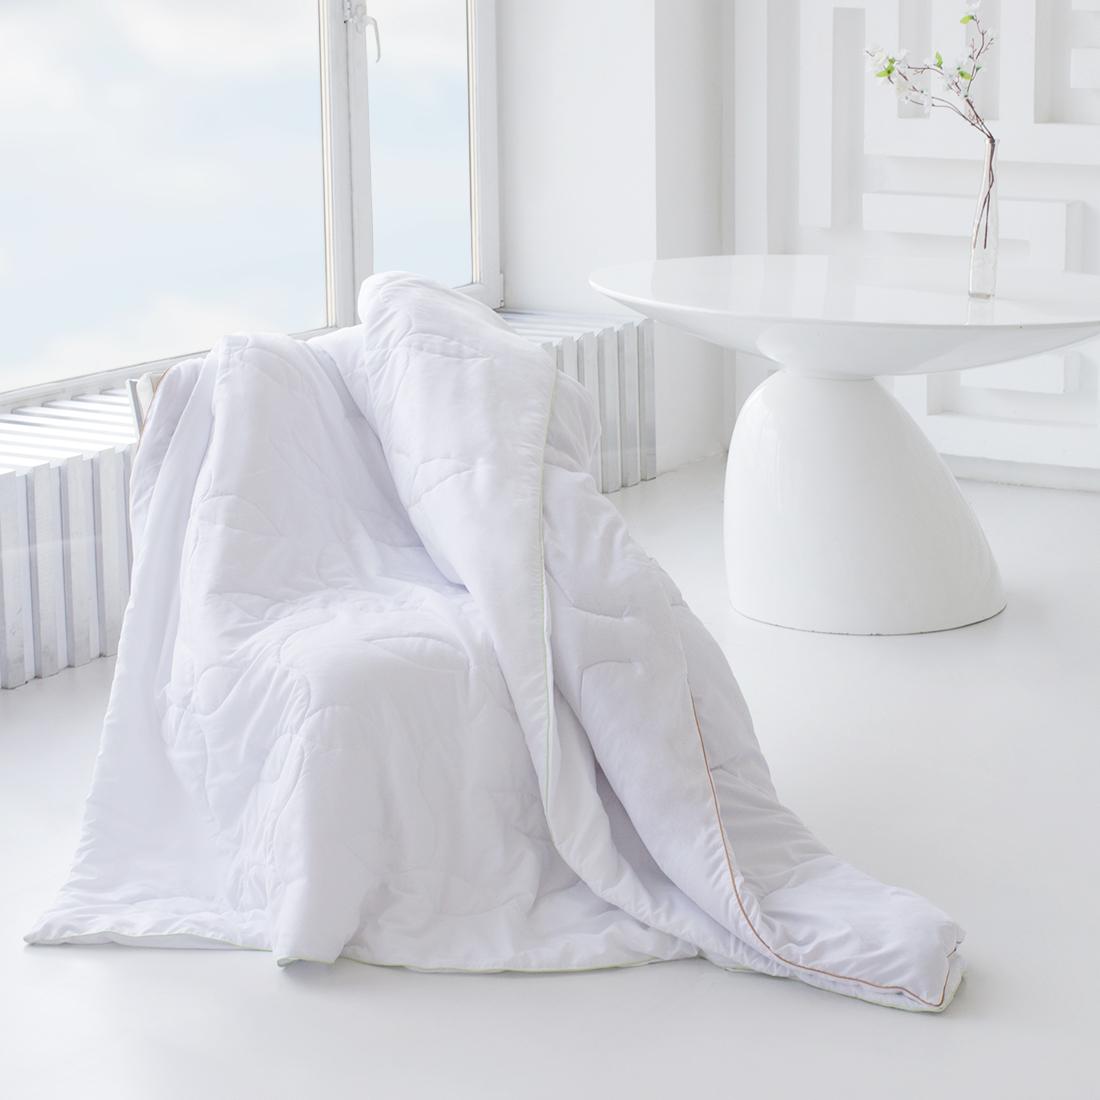 Комплект одеял Sleep iX, на магнитах 3 в 1, цвет: белый, 175х205 см комплект для спальни sleep ix multi set евро макси цвет оранжевый рыжий 6 предметов pva221648